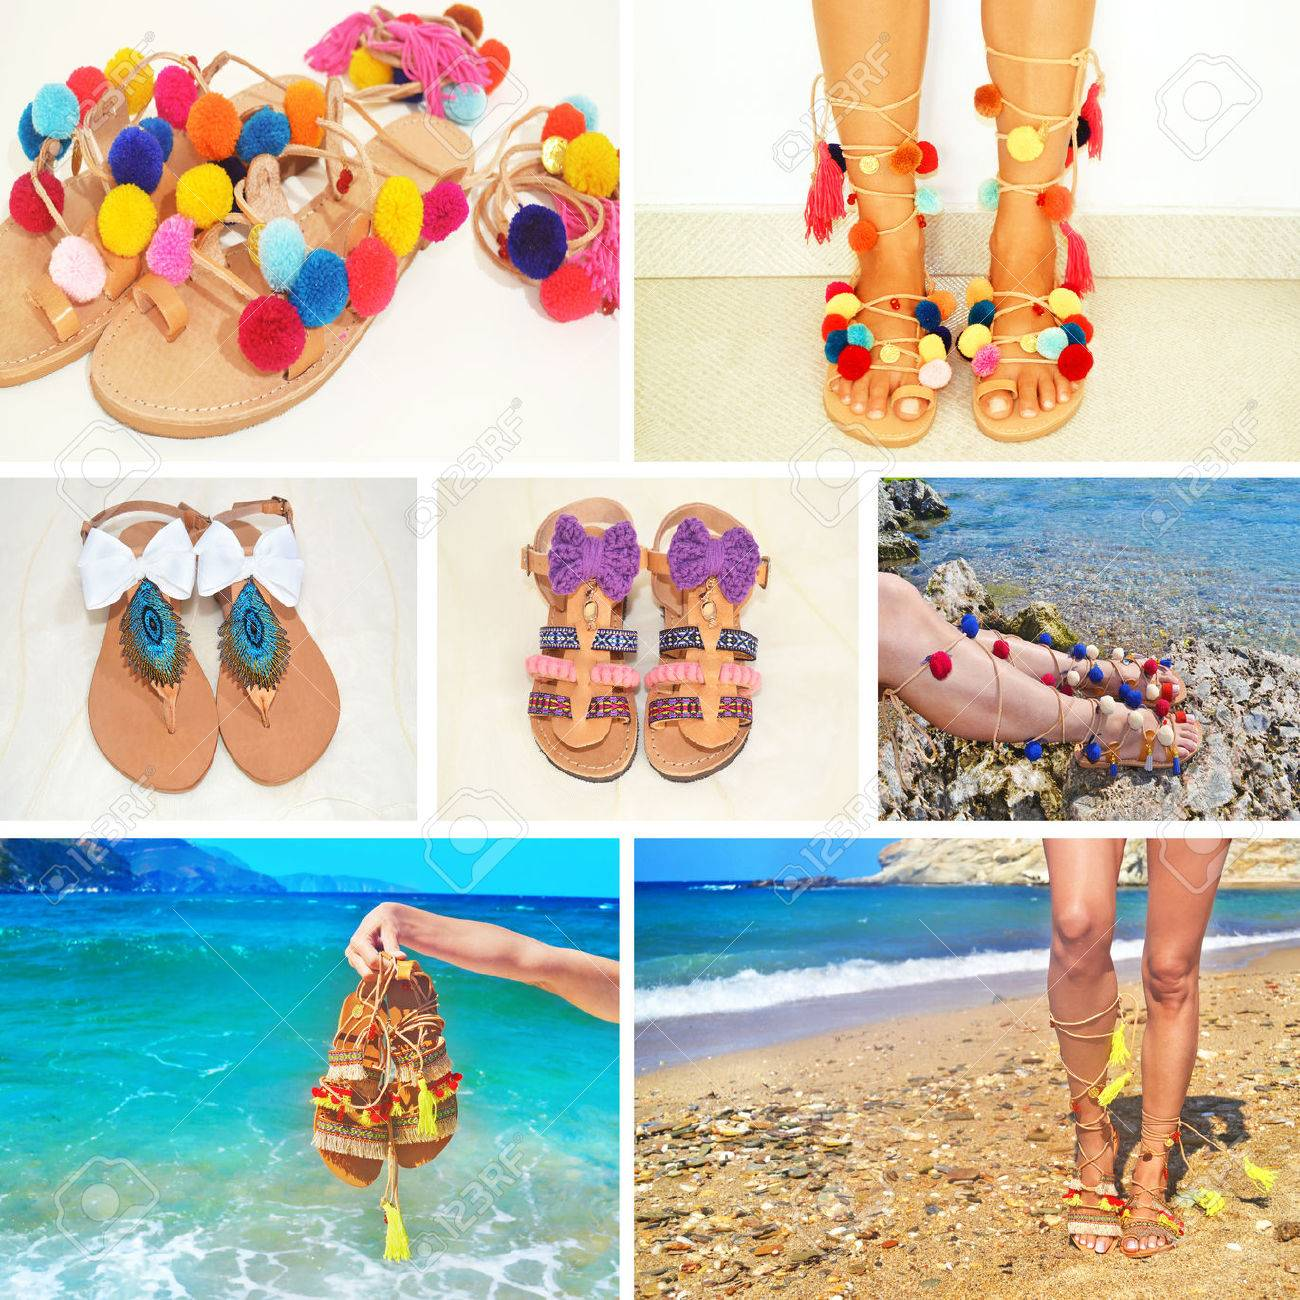 prezzo limitato Miglior prezzo vendita calda Collage di foto di sandali greci bohemien - accessori di moda pubblicità